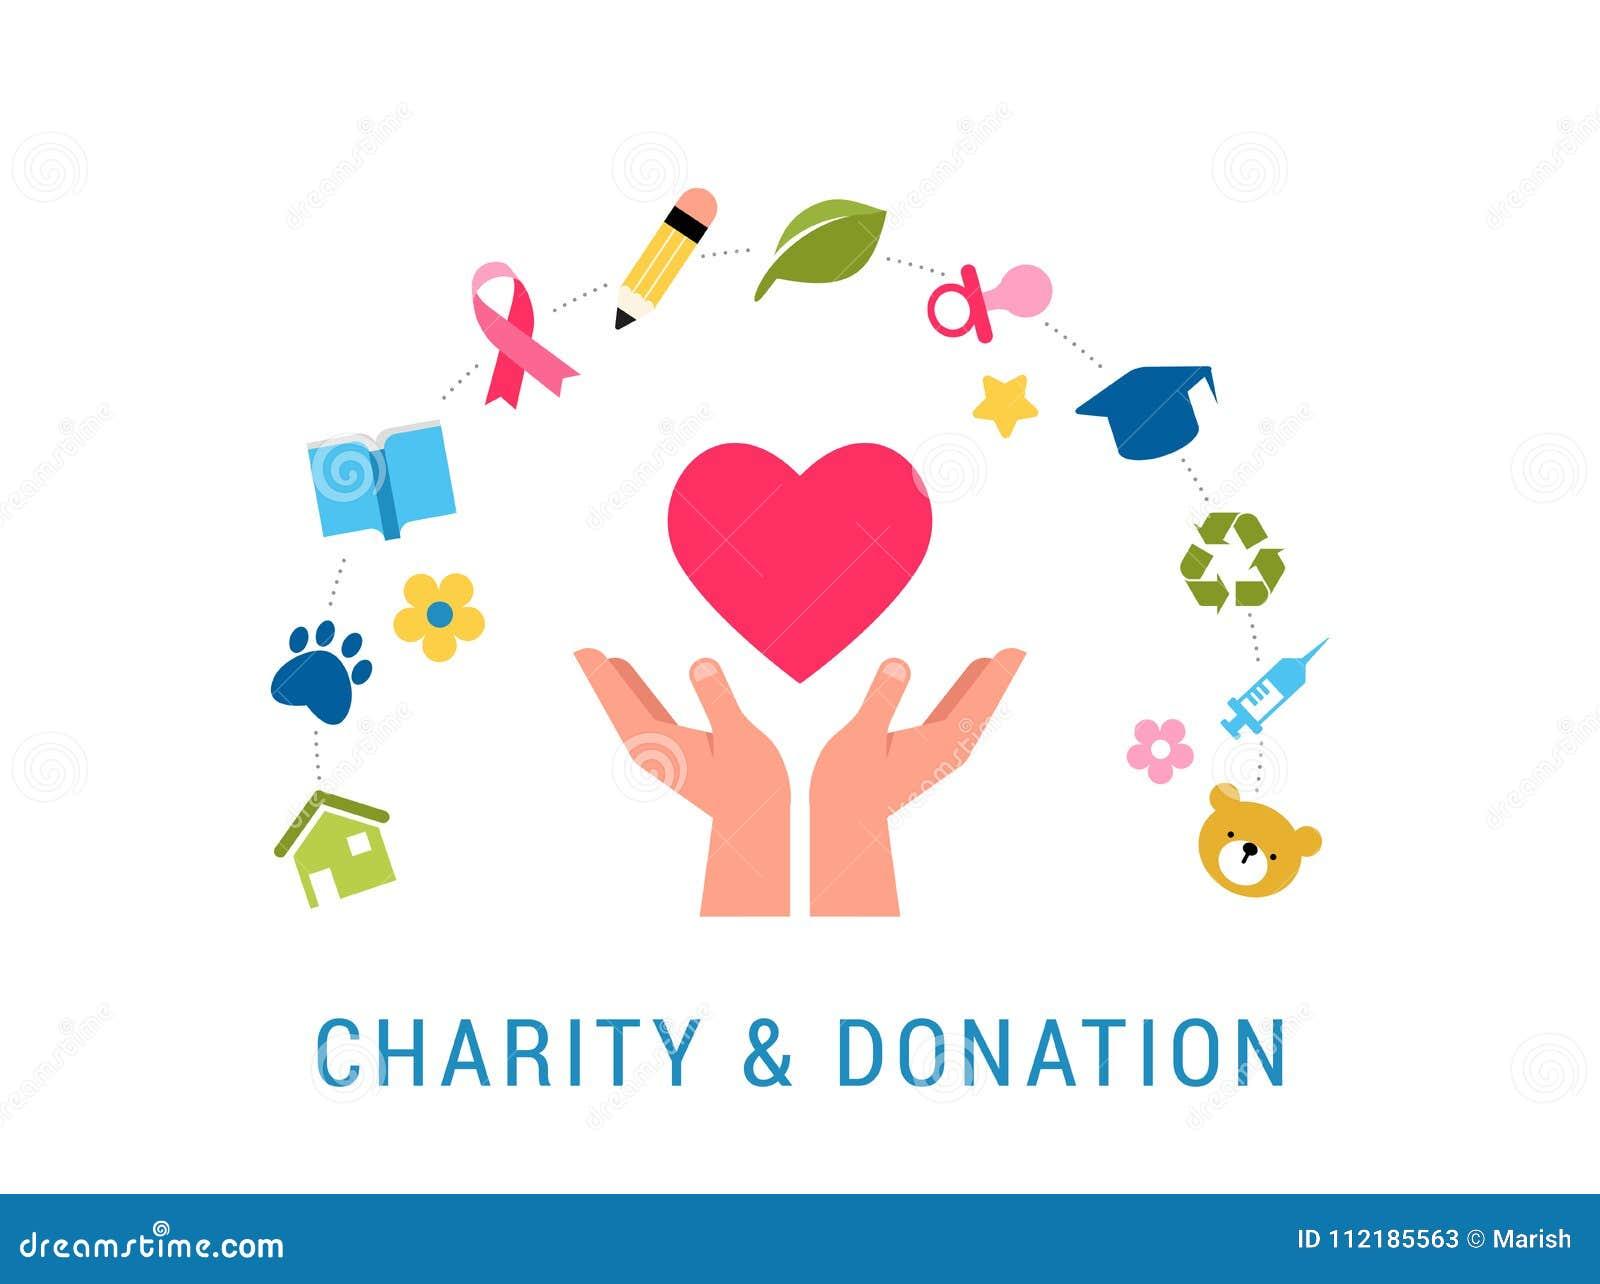 Beste Charity Vorschlag Vorlage Bilder - Beispiel Wiederaufnahme ...